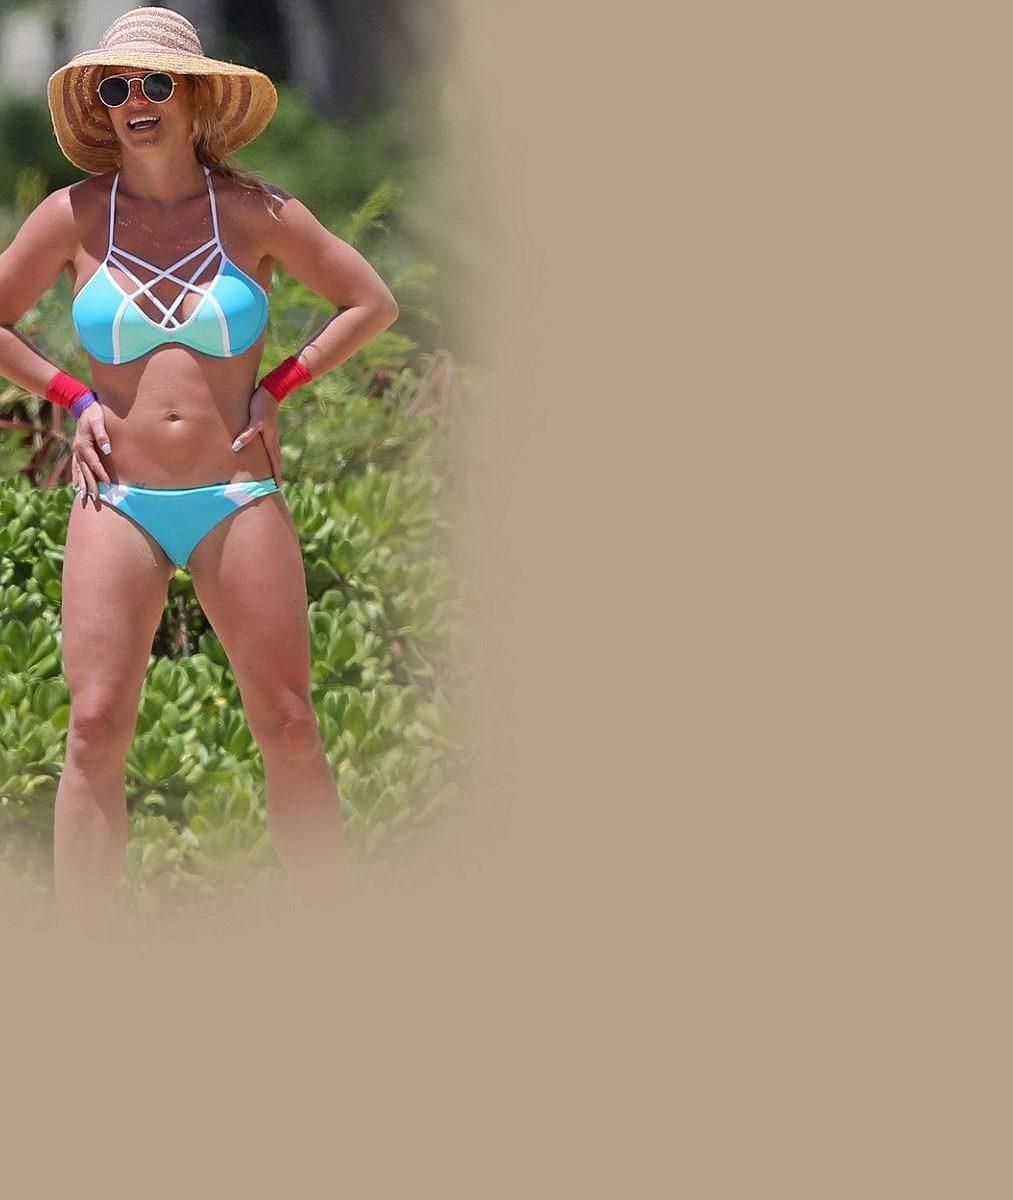 Dříve přetékala z kostýmů, teď by mohla pózovat v katalogu: Britney Spears vypadá v bikinách fantasticky